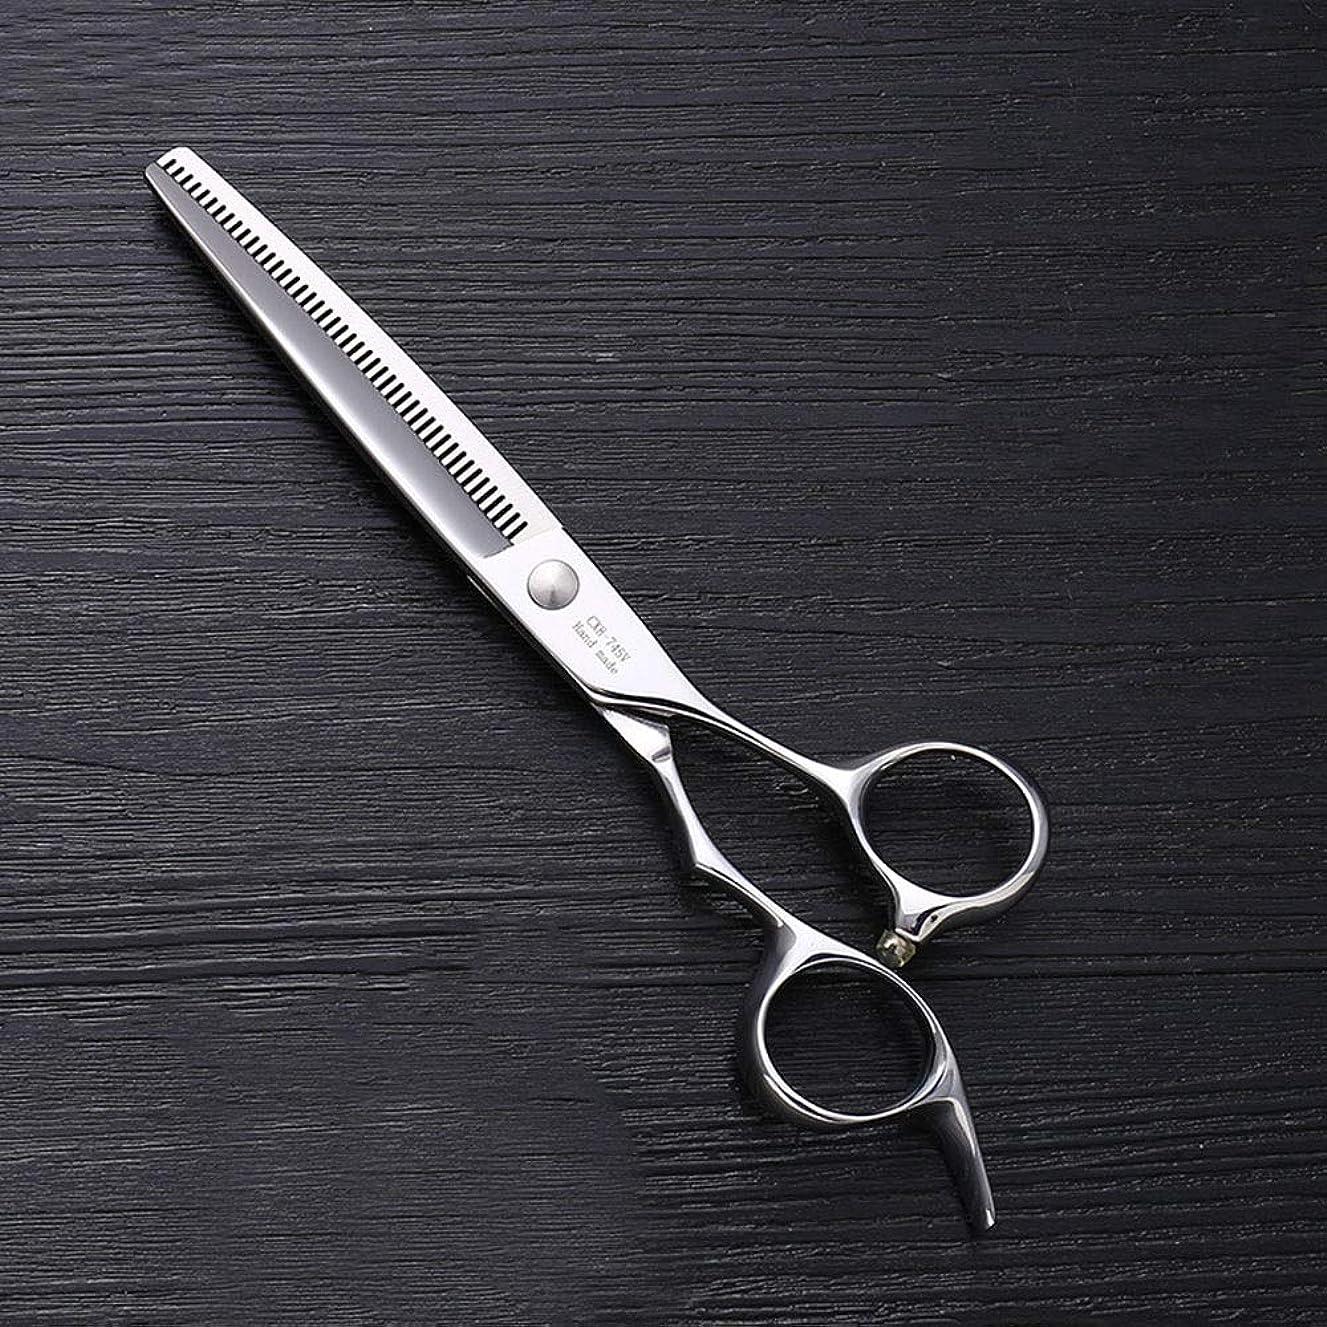 速度崇拝します医療過誤7インチのステンレス鋼ペットトリマーの特別なはさみ、ペット歯の薄いはさみ モデリングツール (色 : Silver)